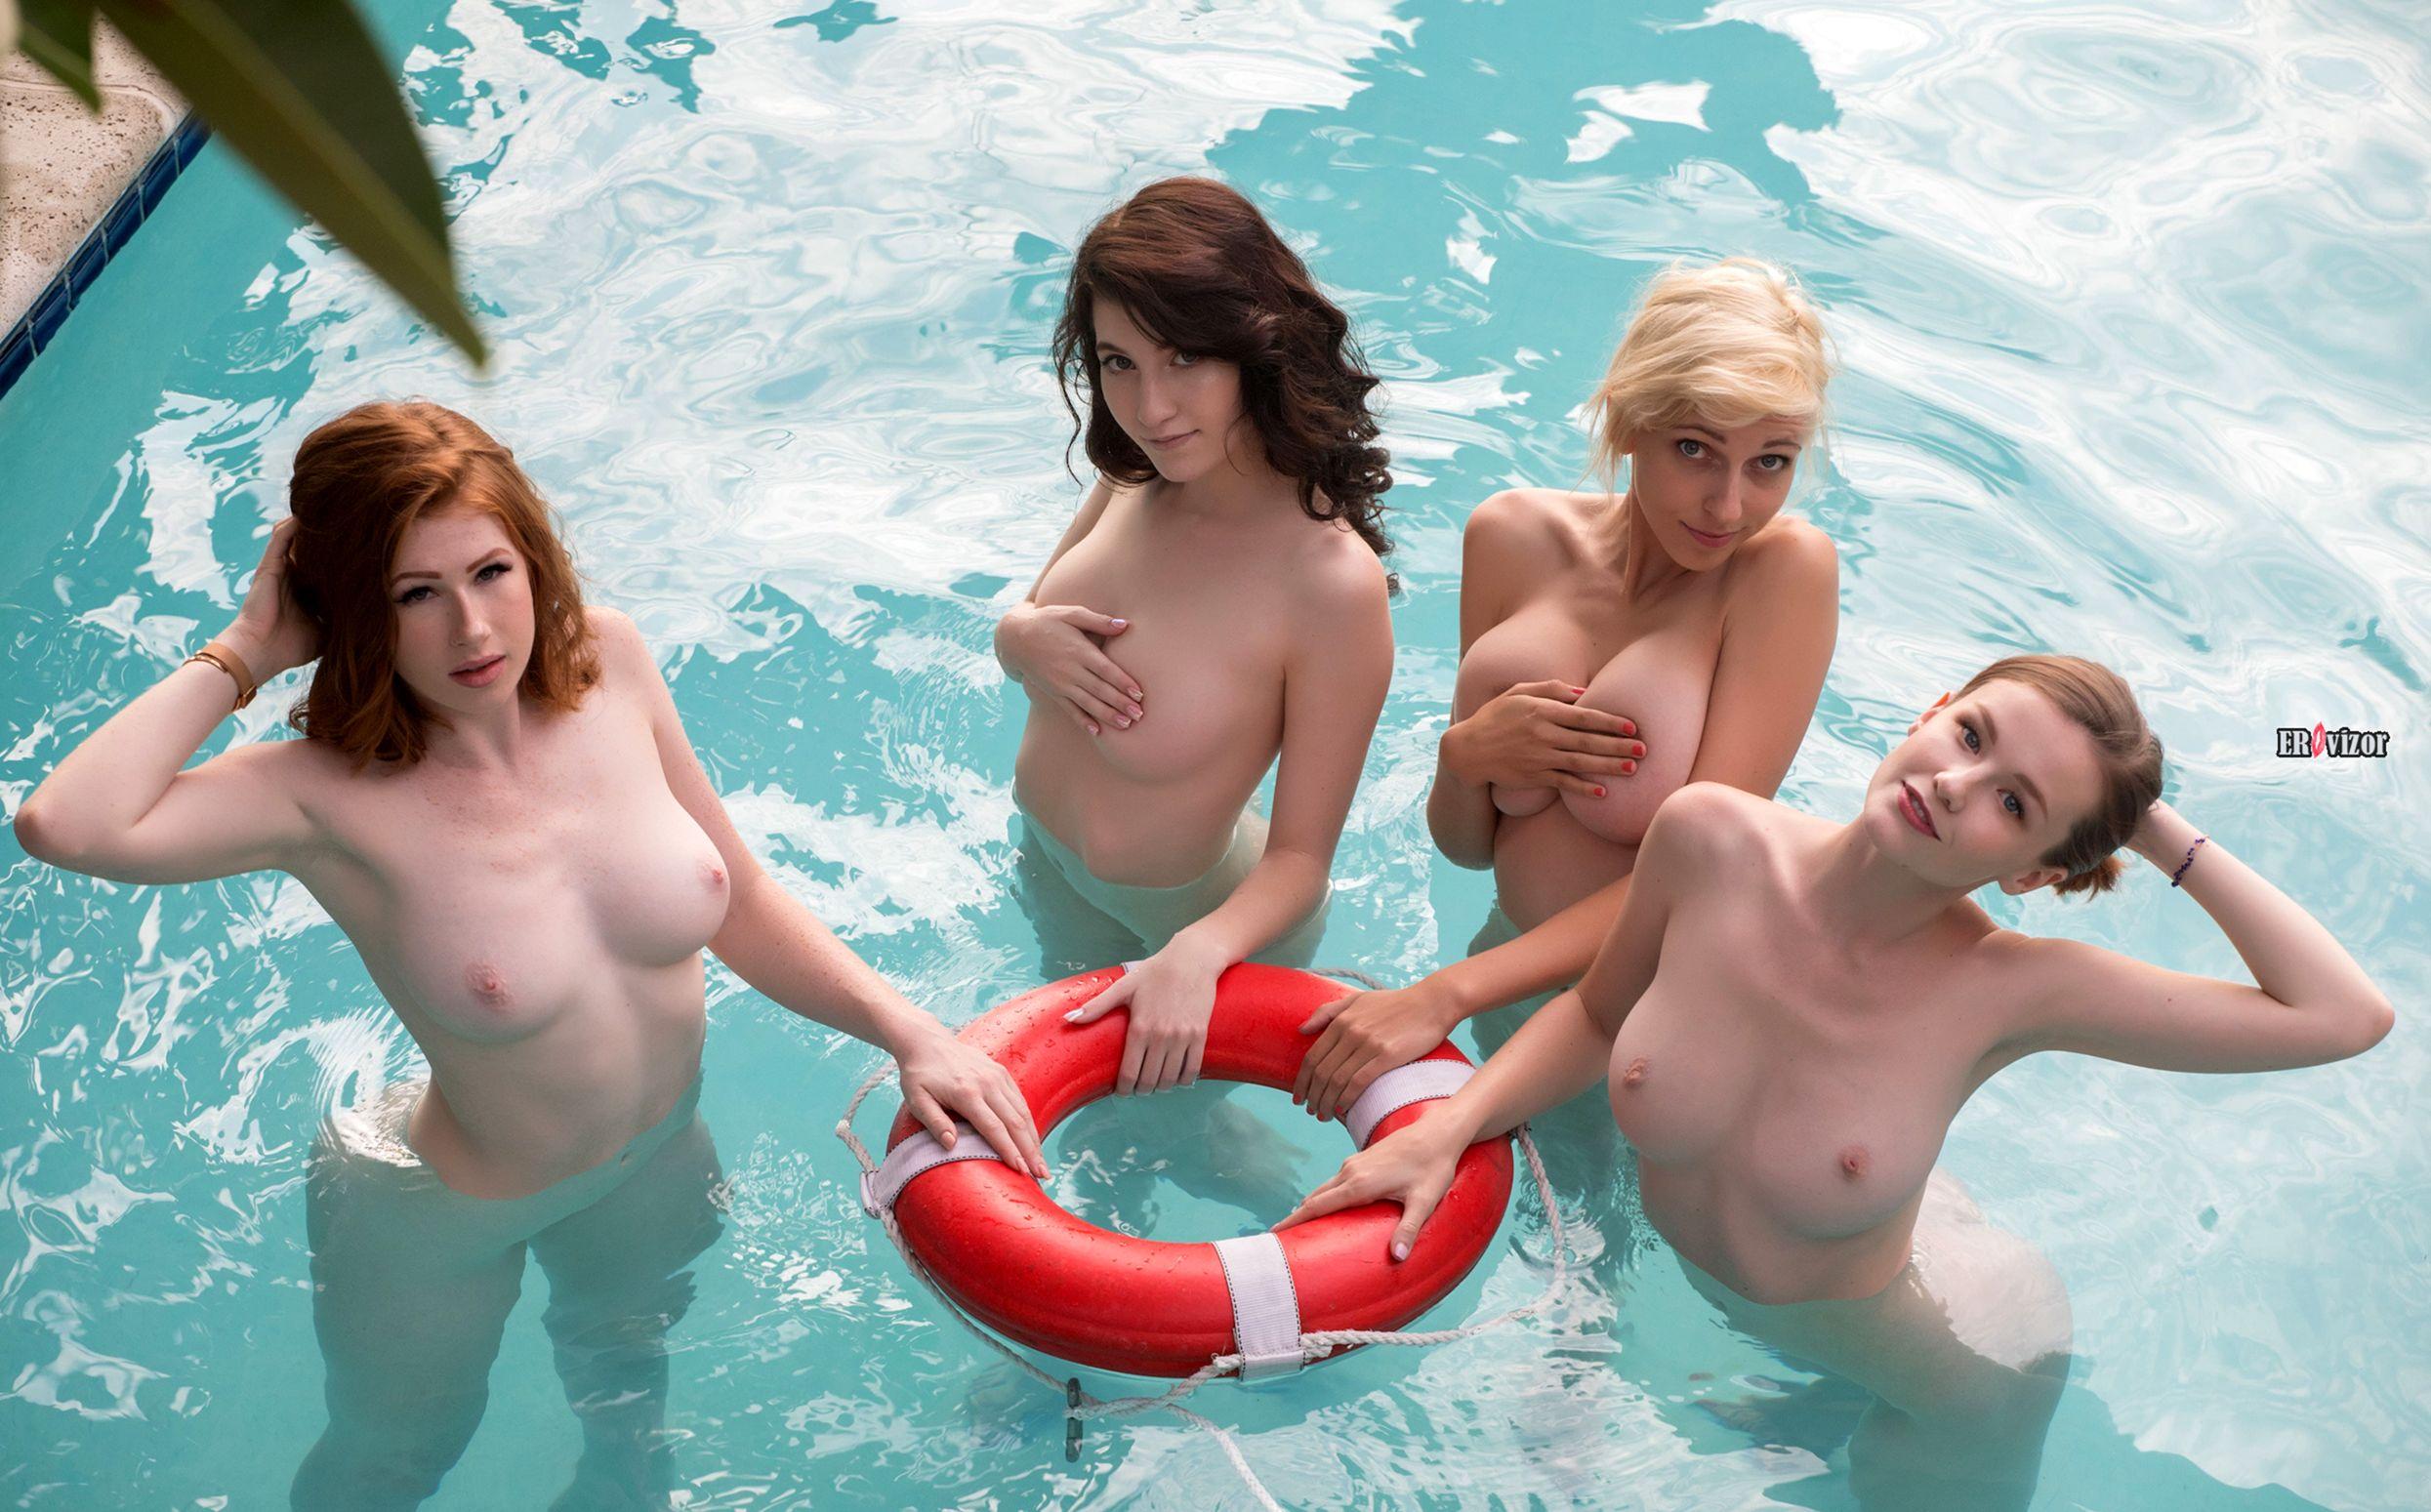 обнаженные девушки в бассейне